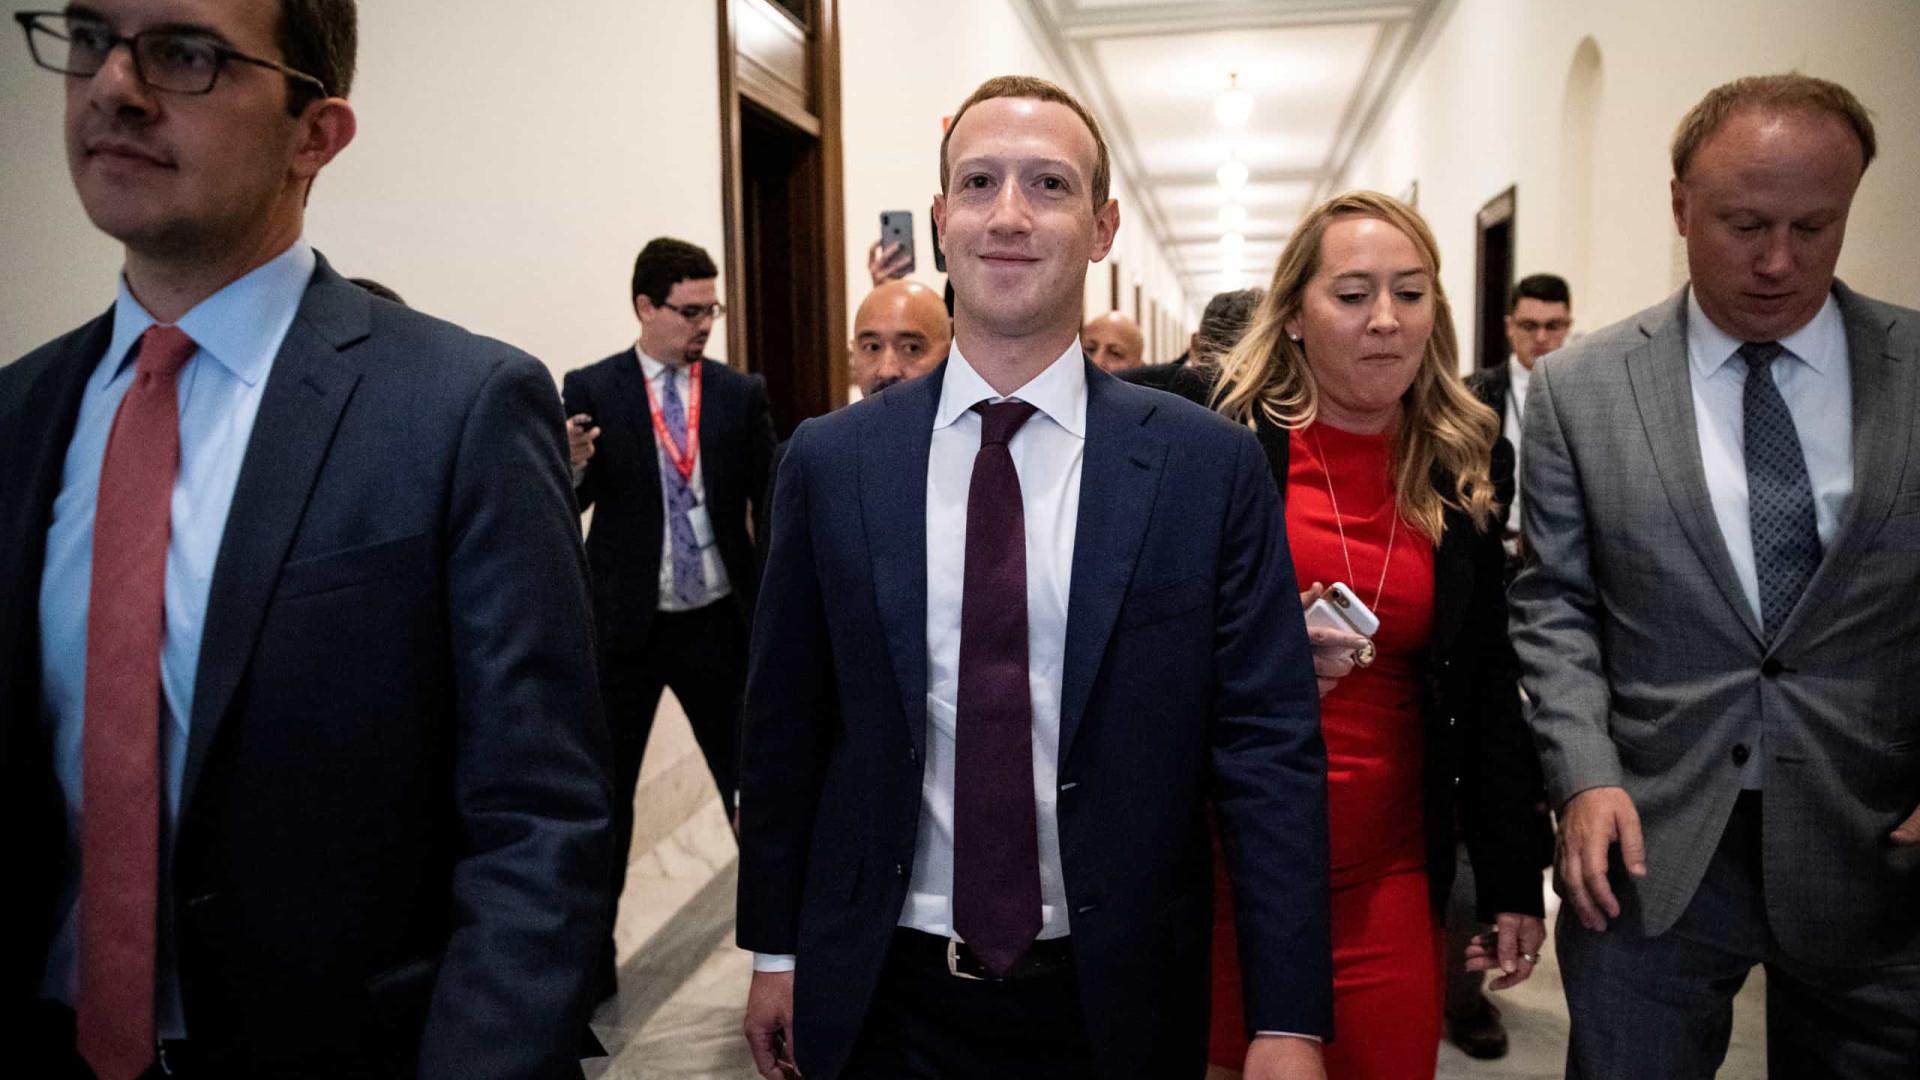 Zuckerberg recusa proposta de vender WhatsApp e Instagram